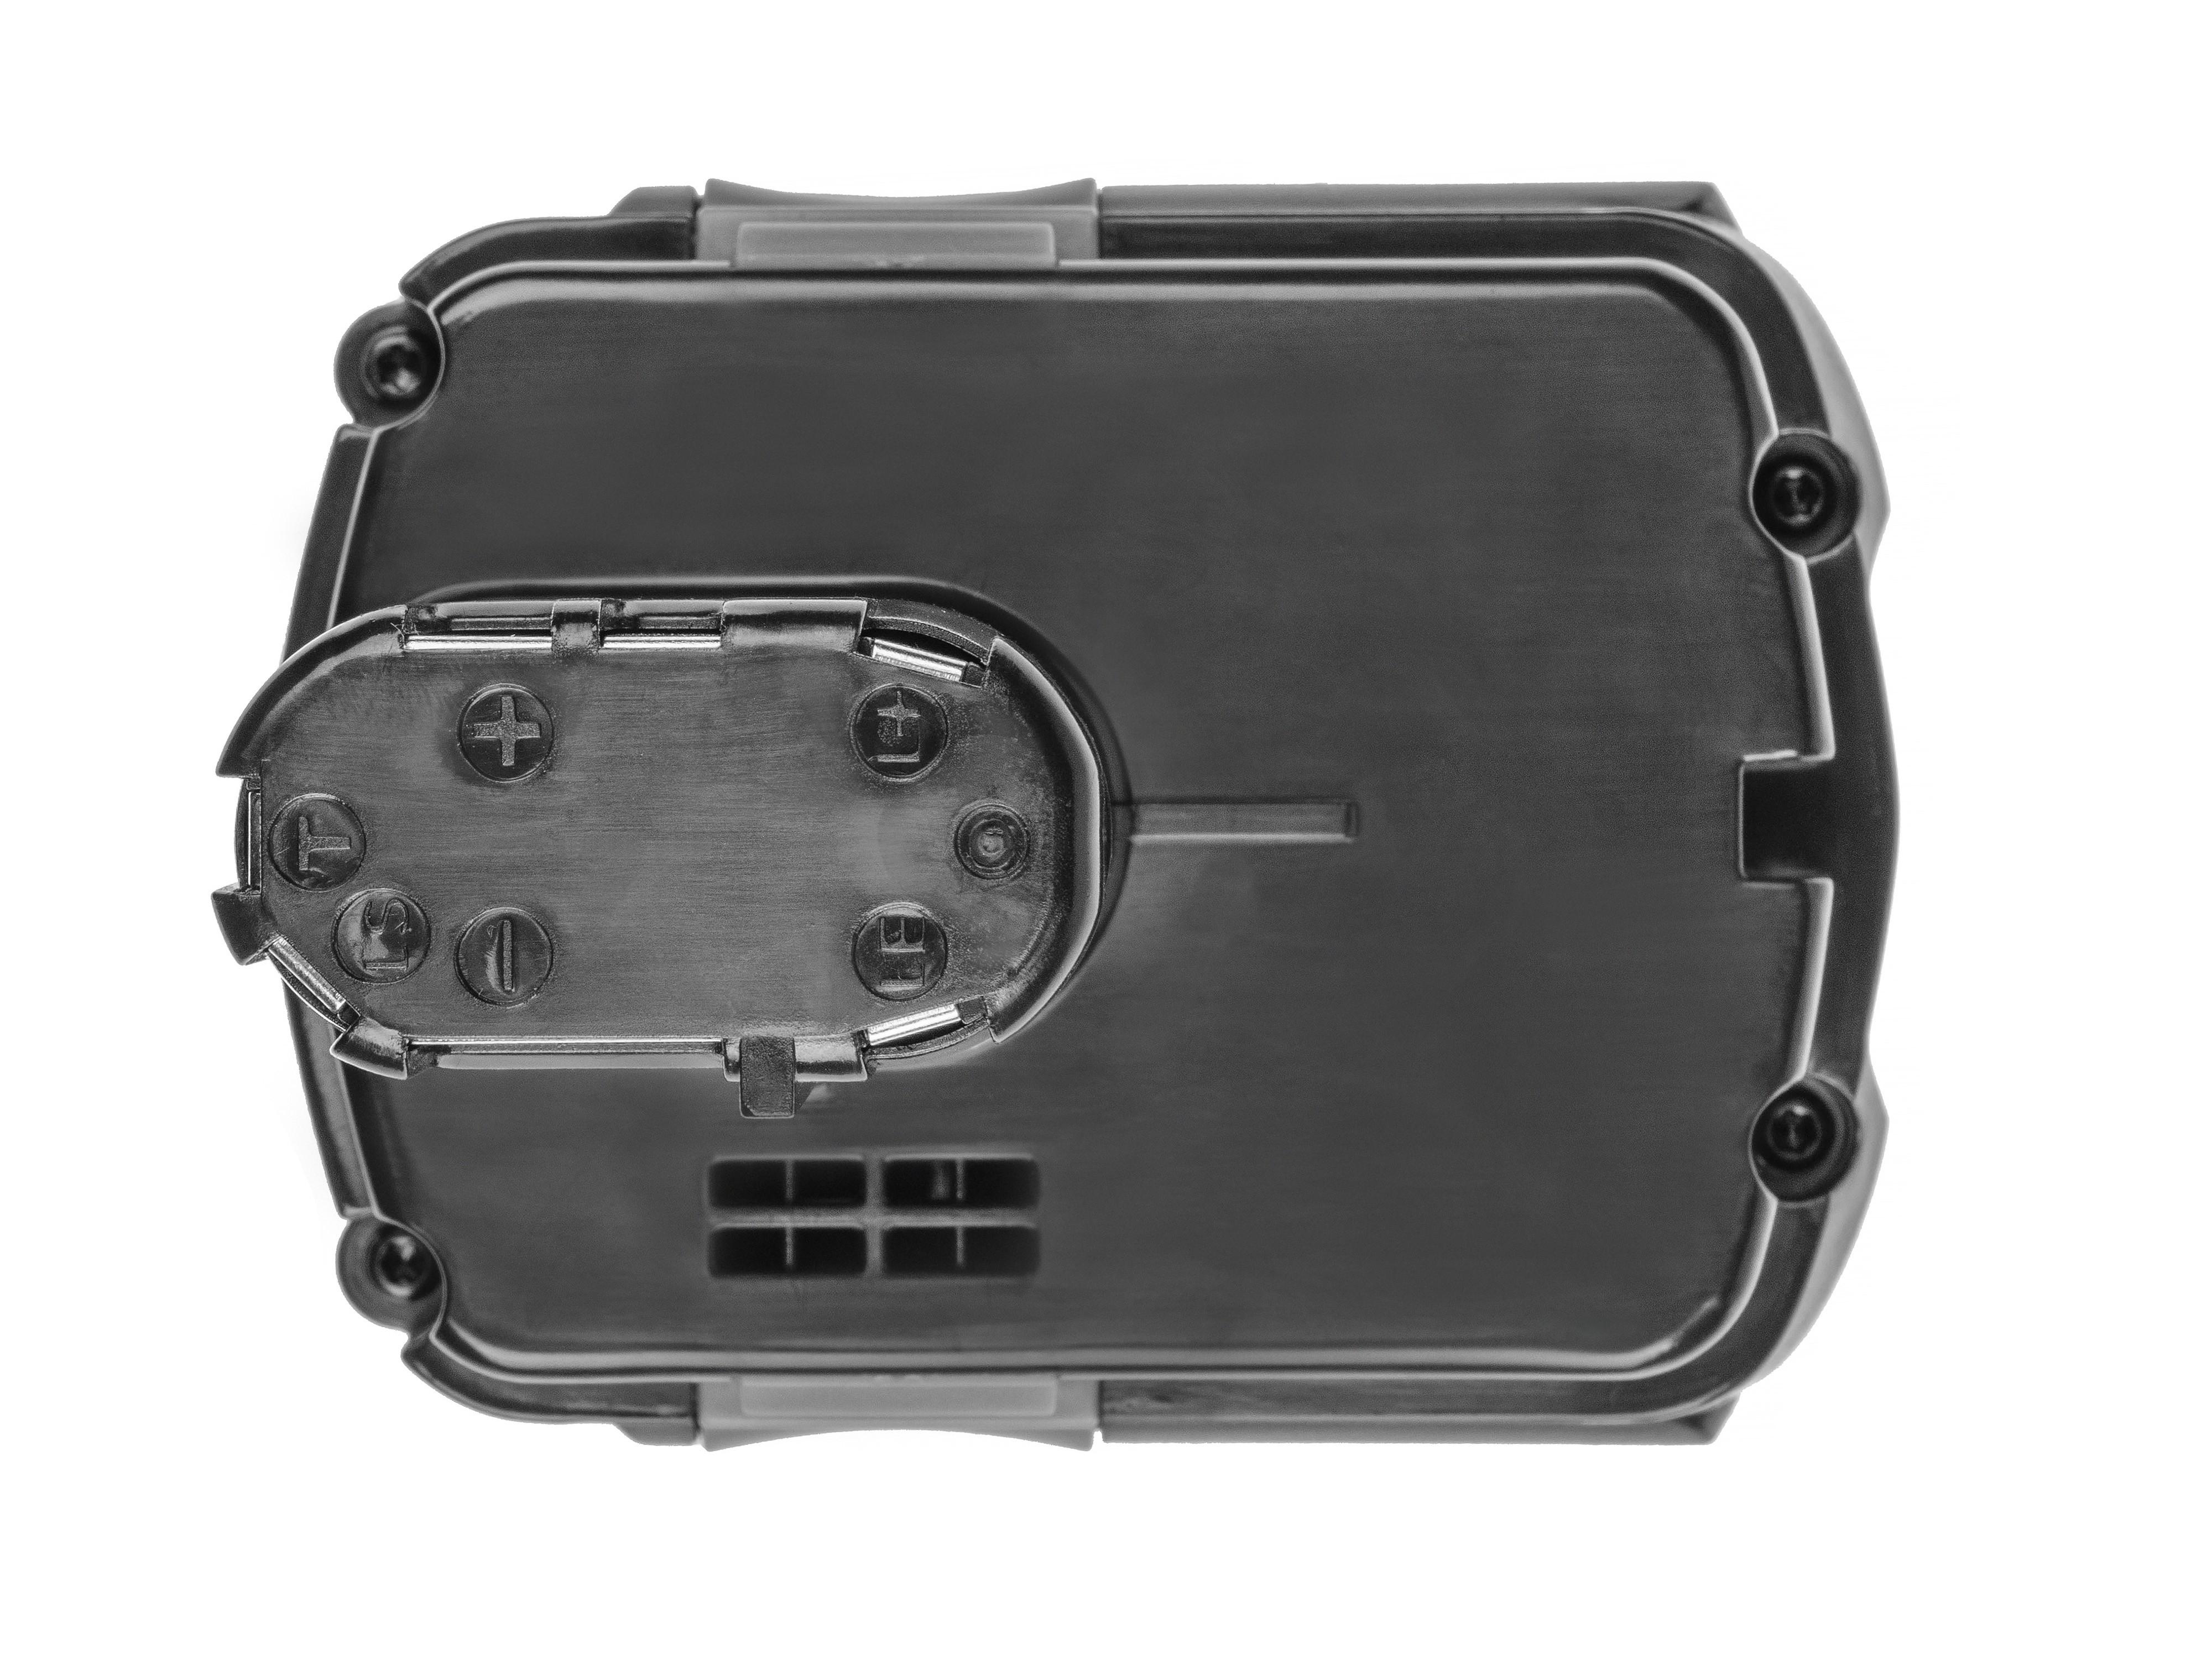 Green Cell Power Tool Battery Hitachi CJ14DL BCL1415 14.4V 2.5Ah